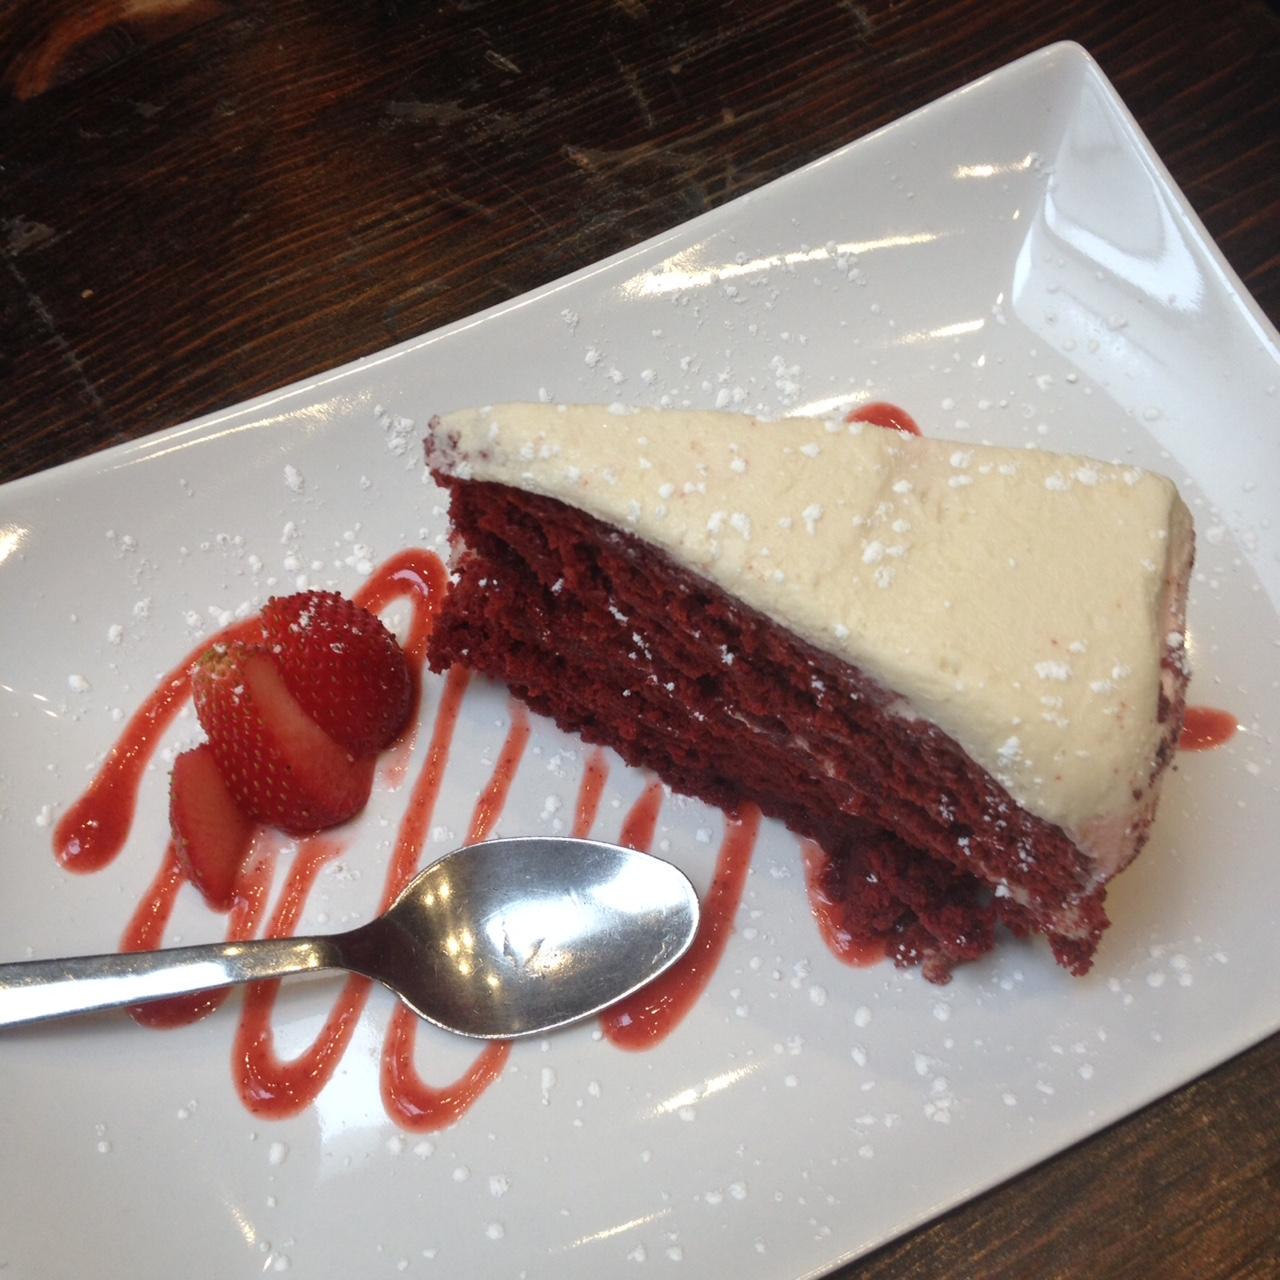 Red Velvet Cake, Gust Organics